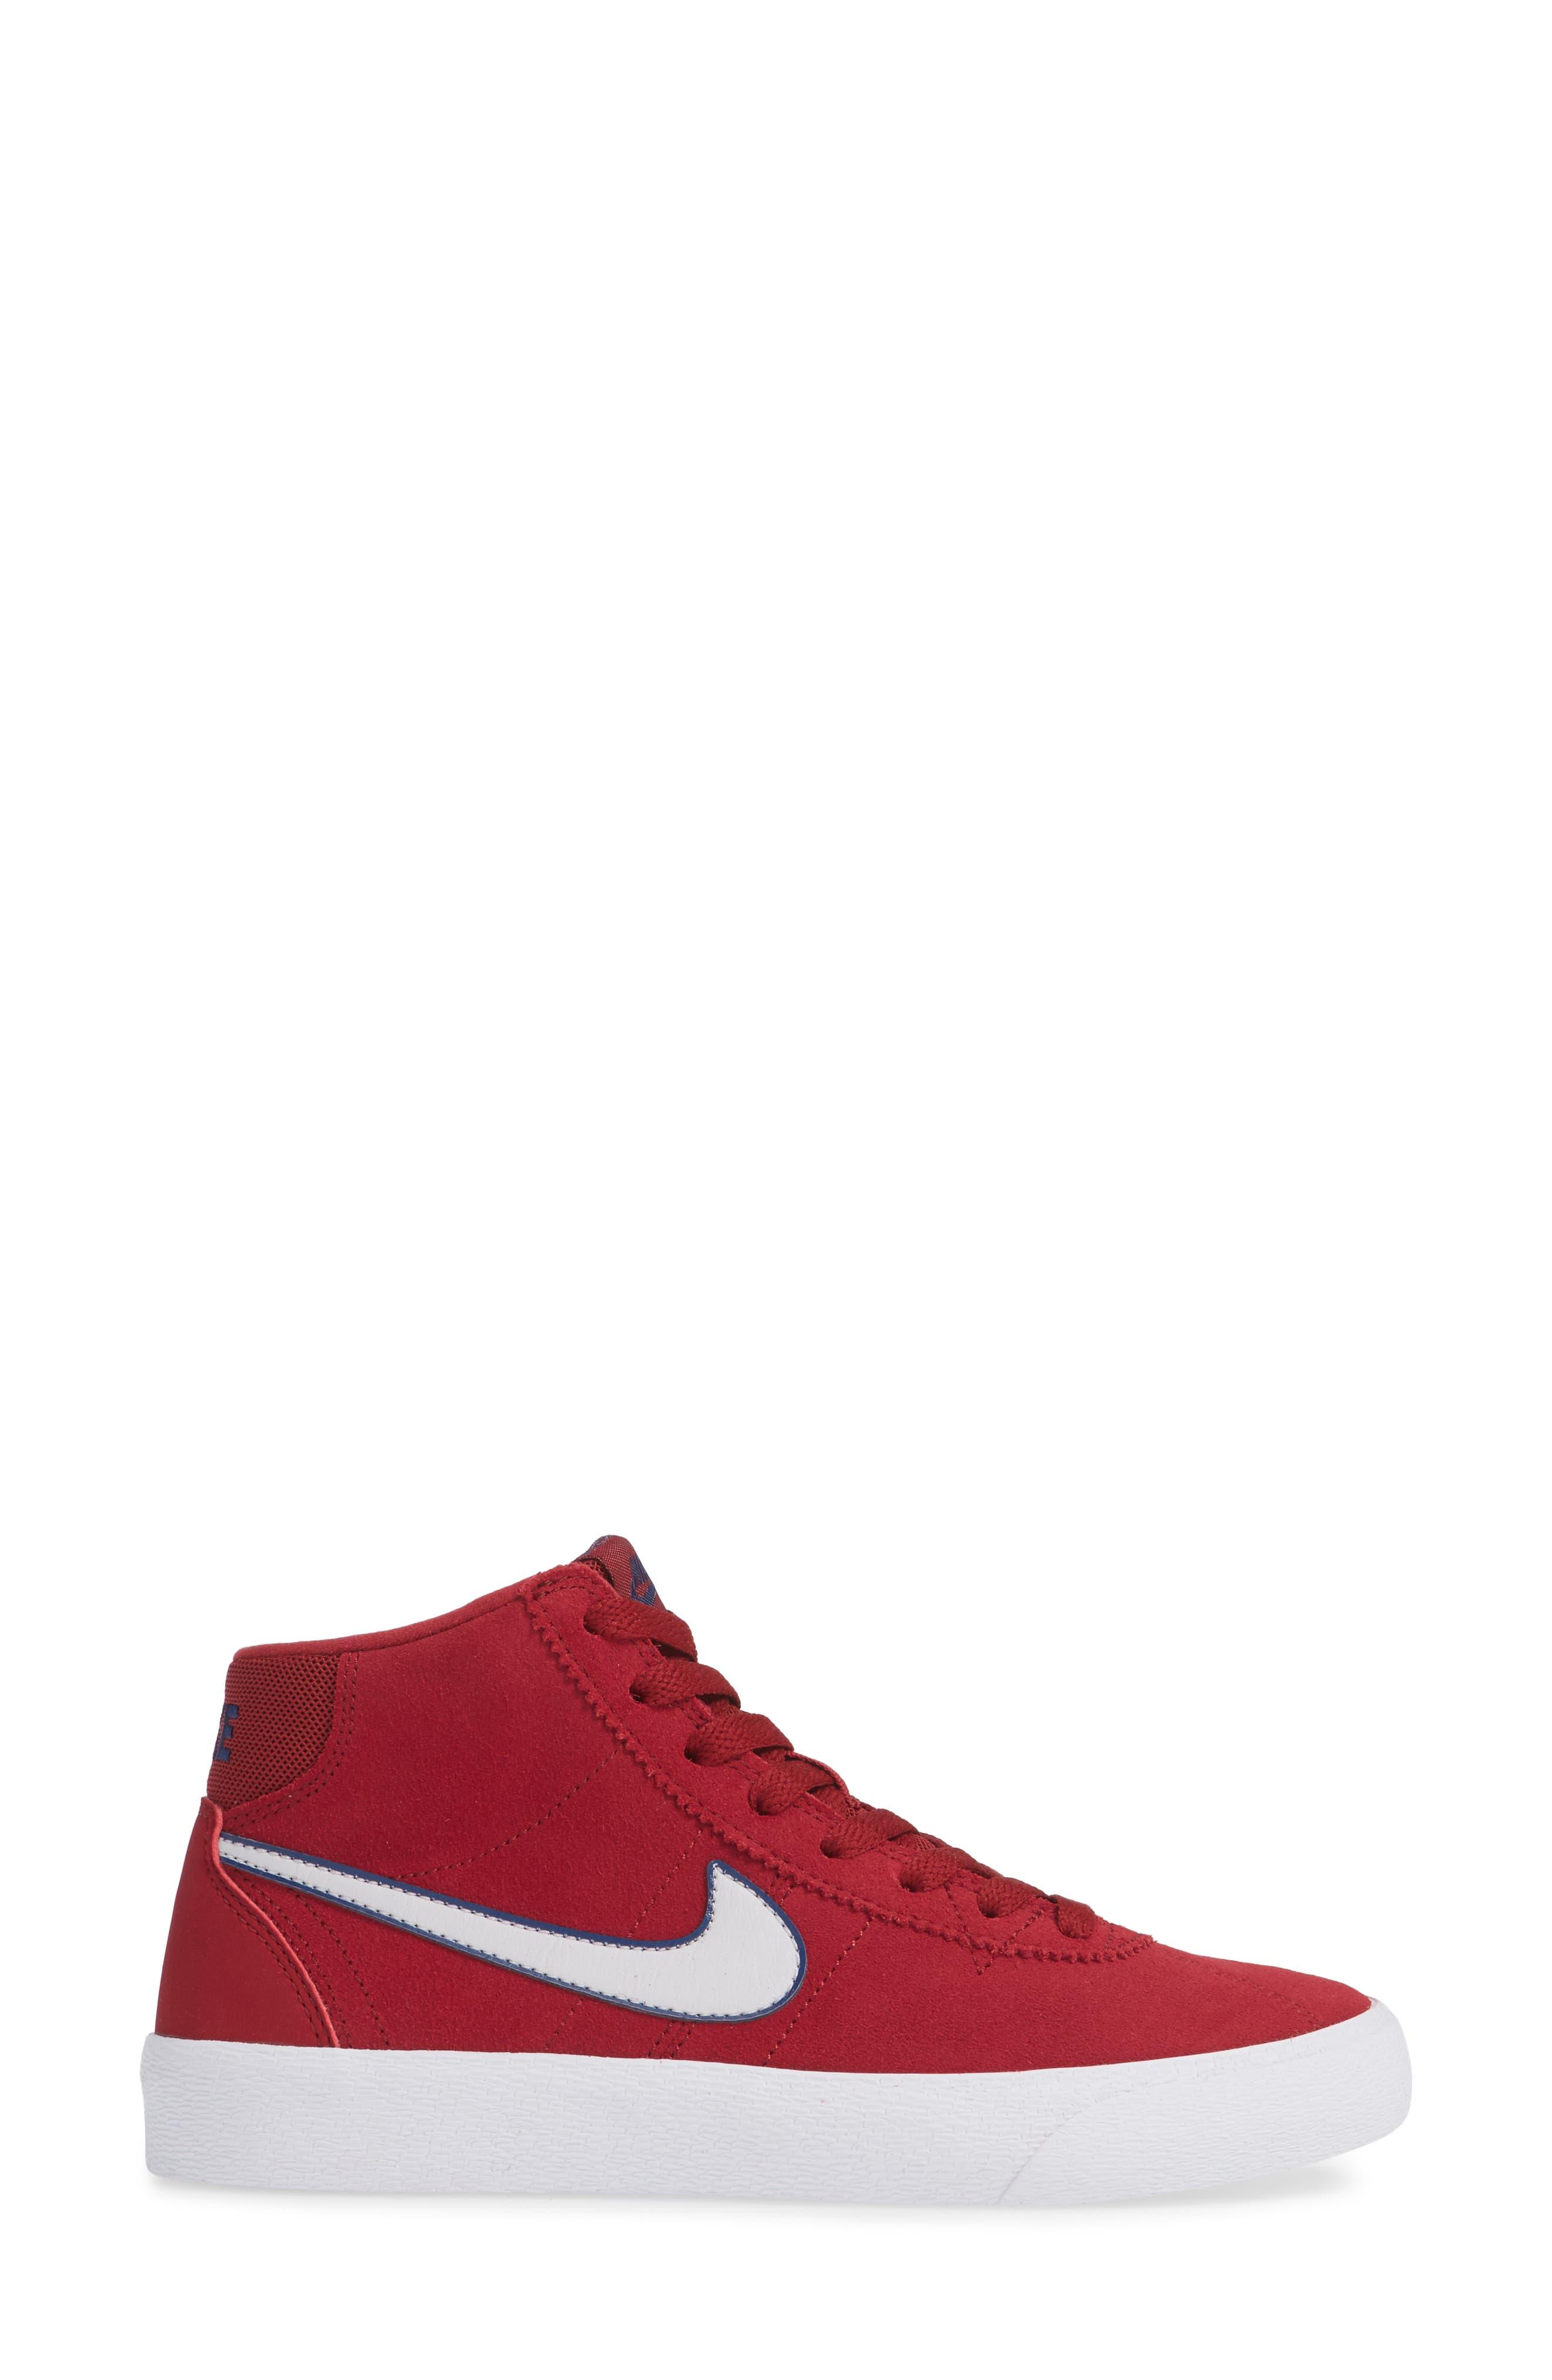 SB Bruin Hi Skateboarding Sneaker,                             Alternate thumbnail 4, color,                             Red Crush/ Vast Grey/ White